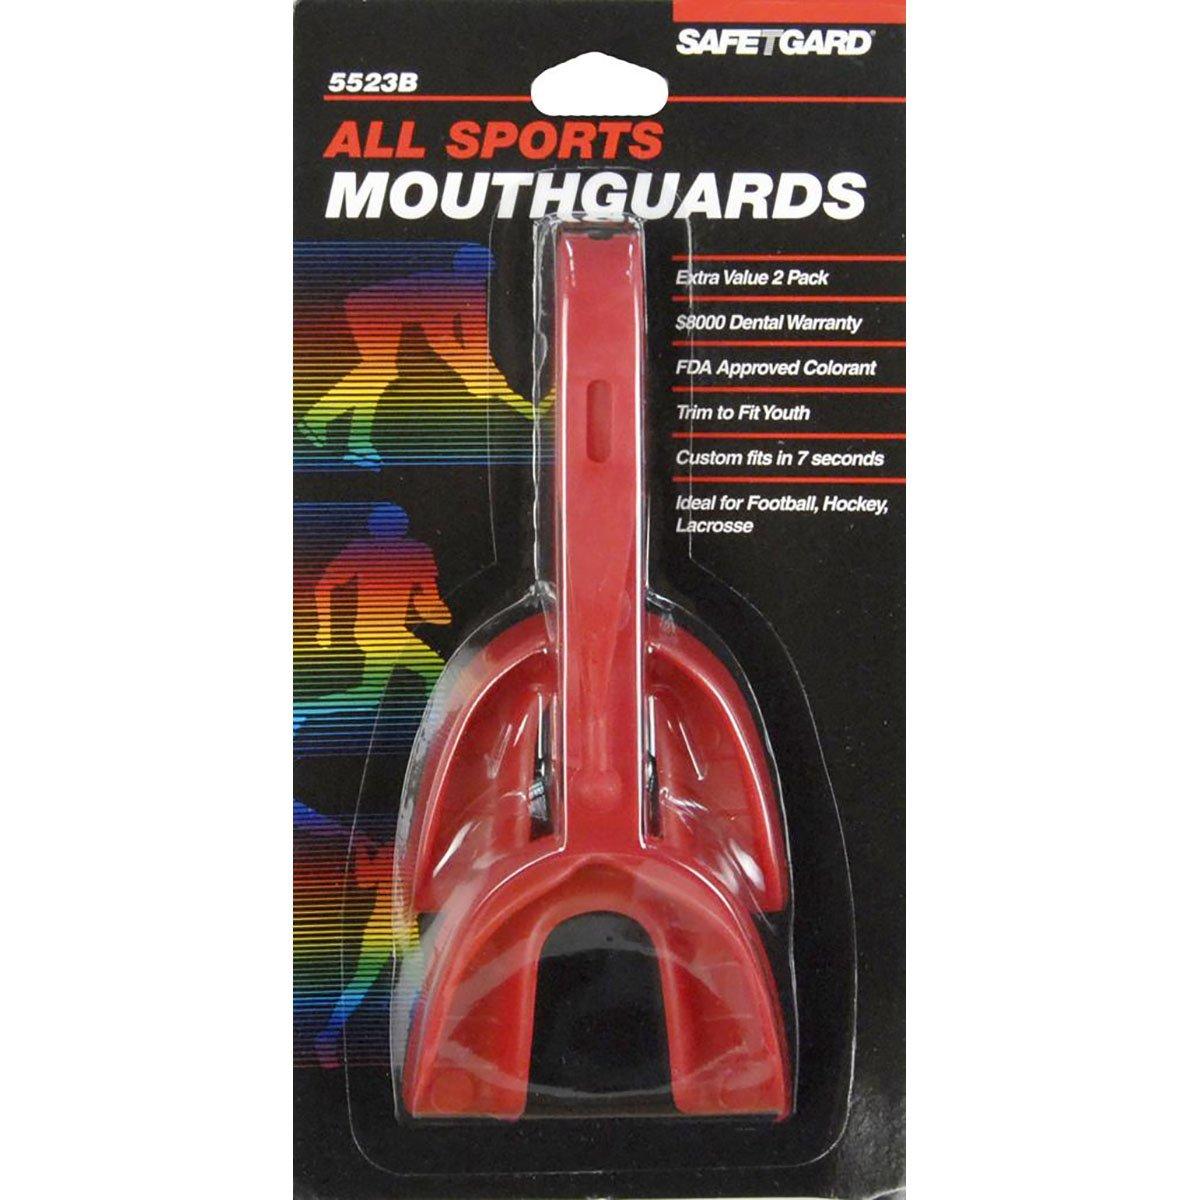 高級ブランド Safetgard Two Safetgard Pack Mouthguard by with Keeper Two Straps Adult by Safe-T-Gard B0010FO8MU, JHB:dbb0d8ca --- a0267596.xsph.ru